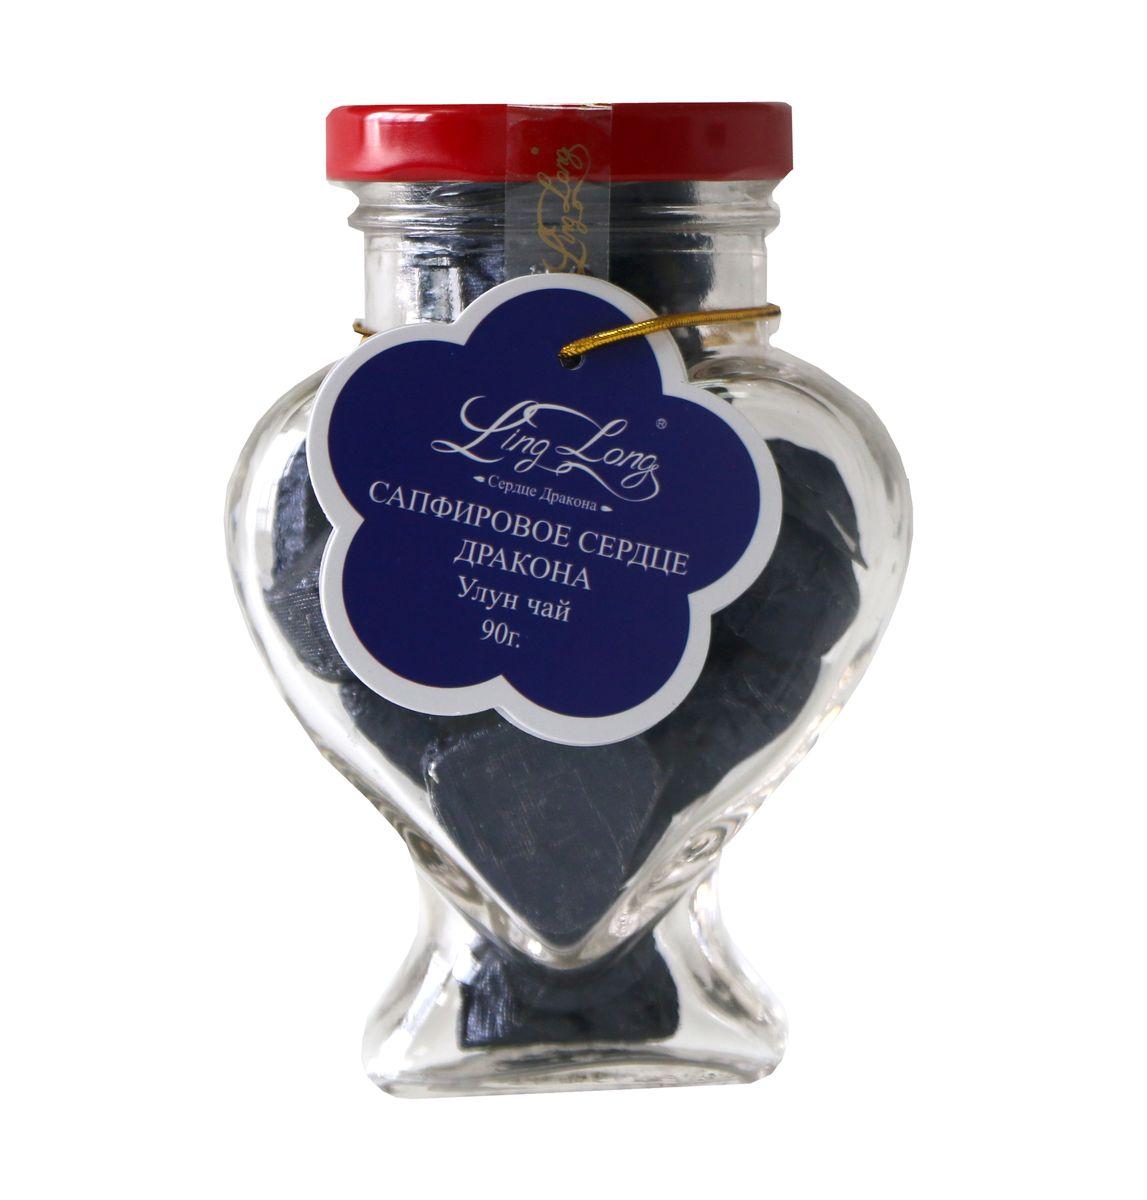 Ling Long Сапфировое сердце дракона листовой чай улун, 90 г (стеклянная банка) сумка printio ted pss